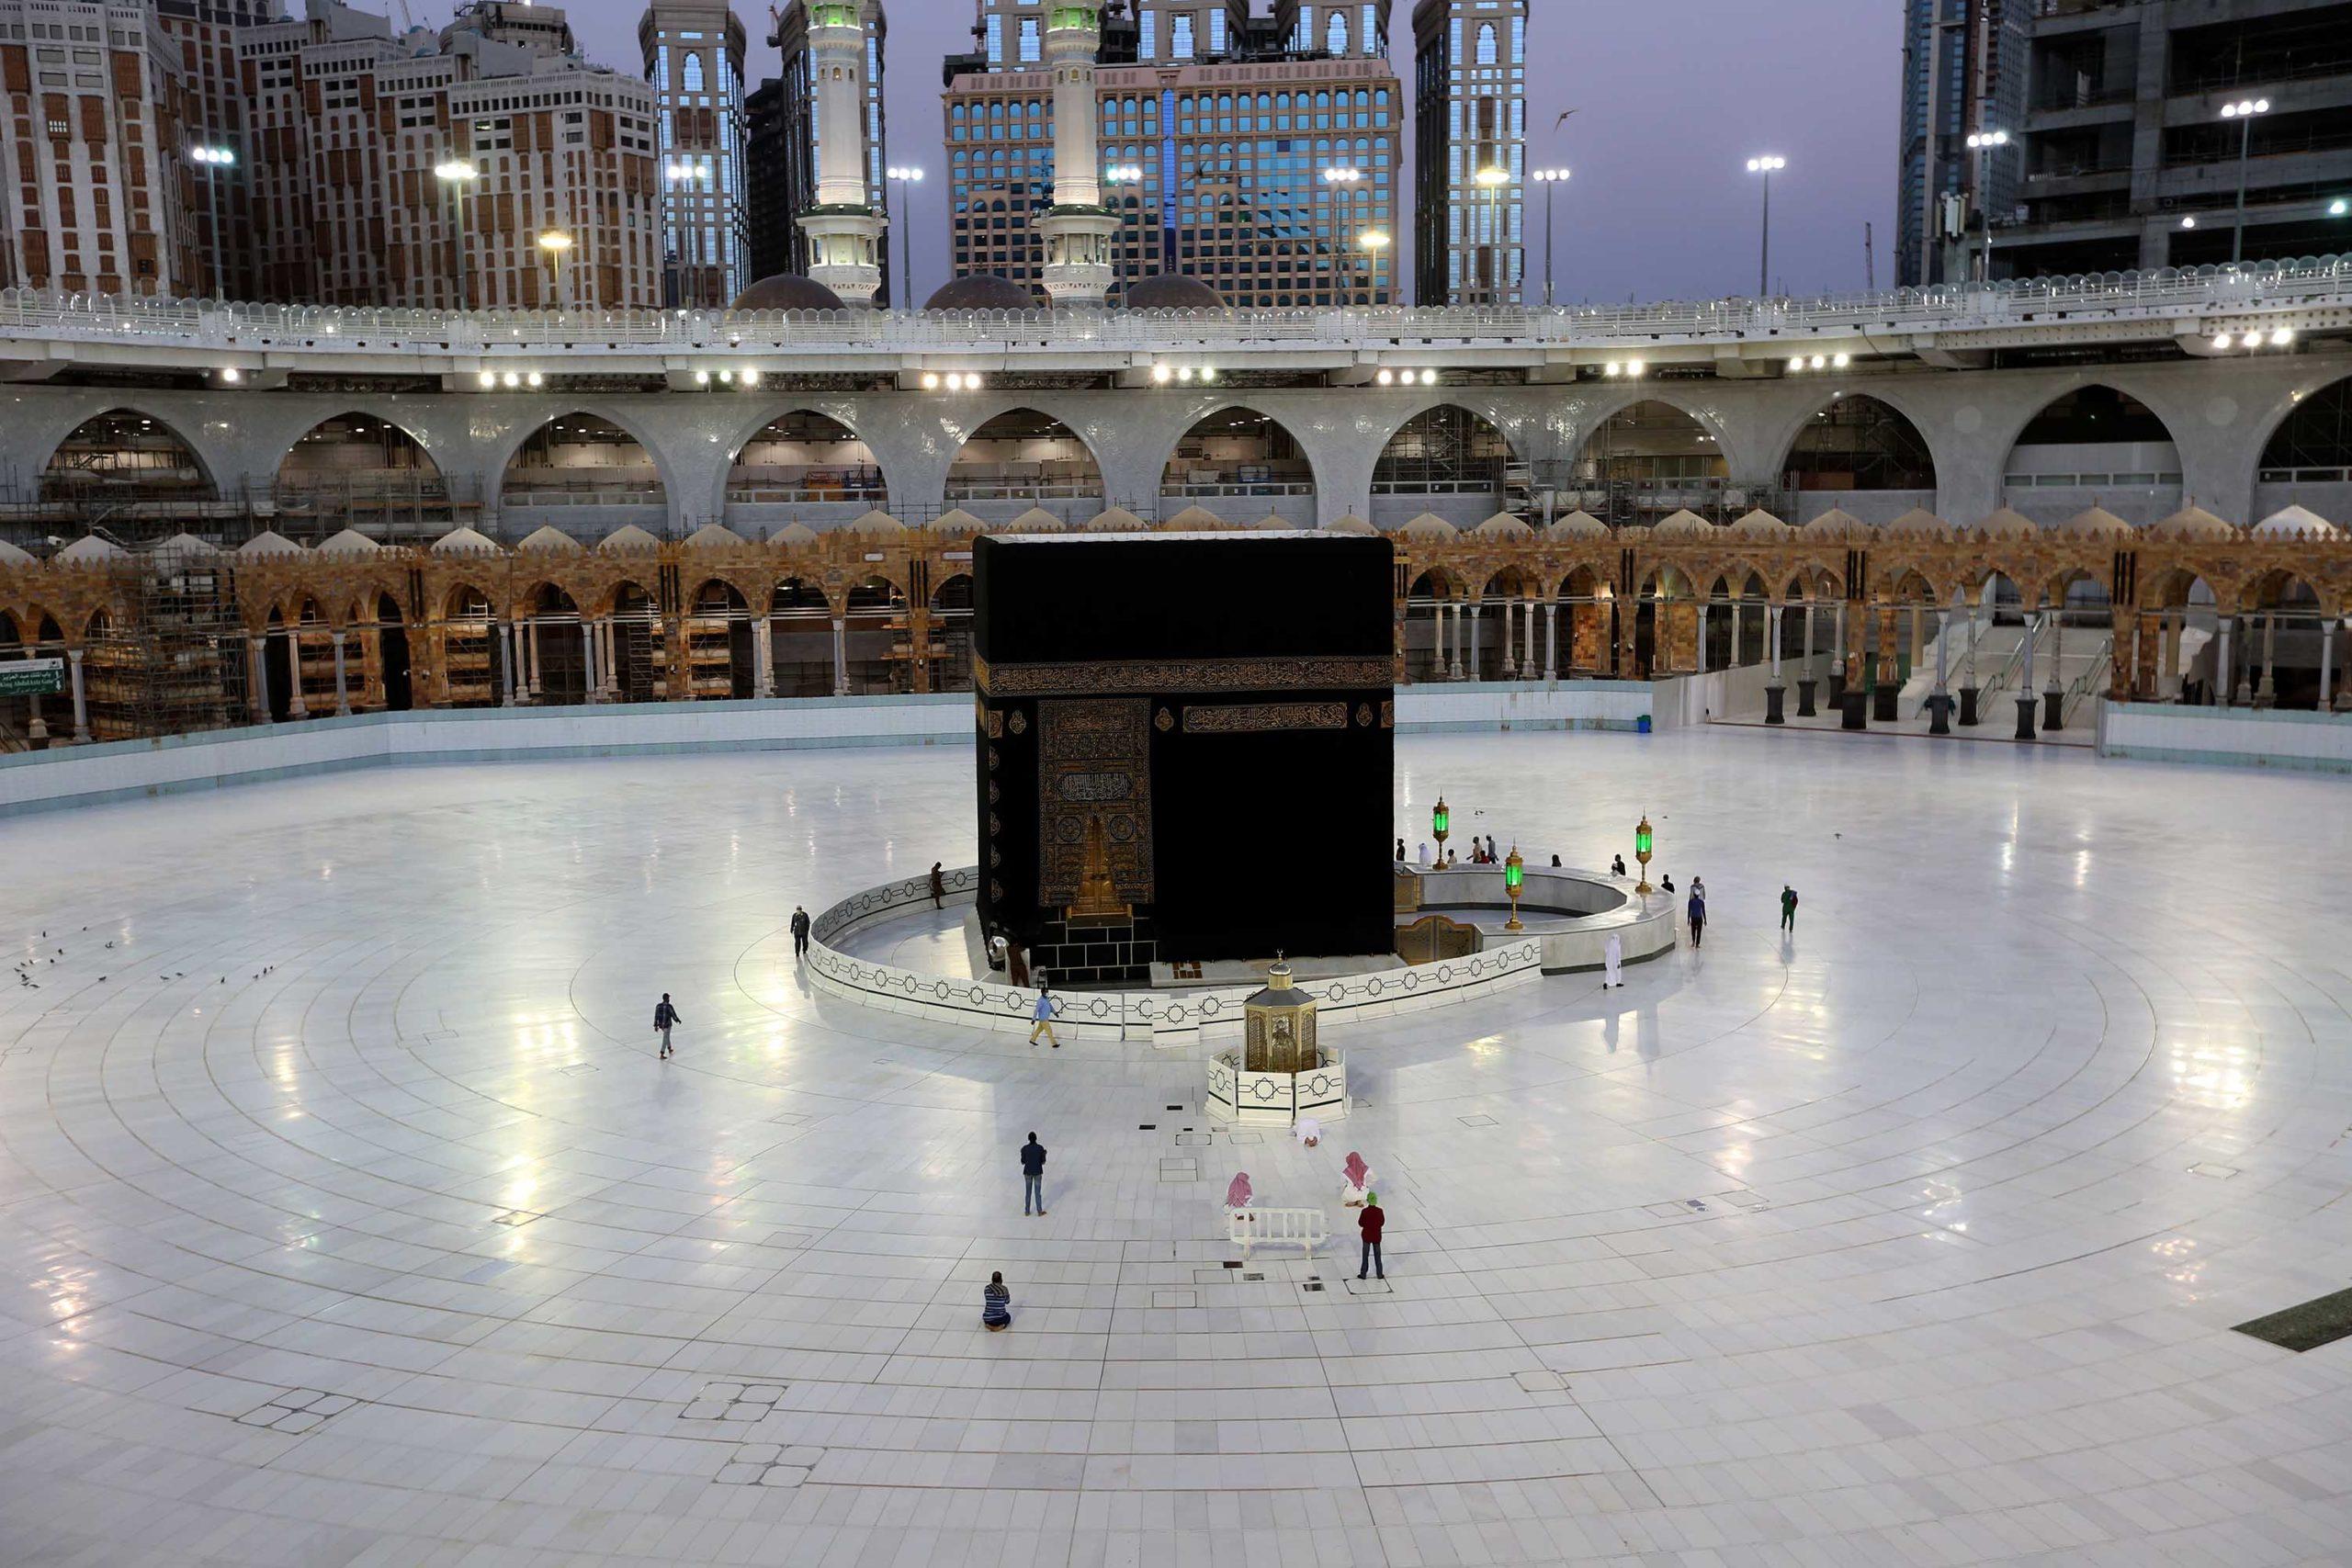 Arabia Saudite vendos masa anti-Covid për pelegrinët që do të bëjnë Haxhin këtë vit